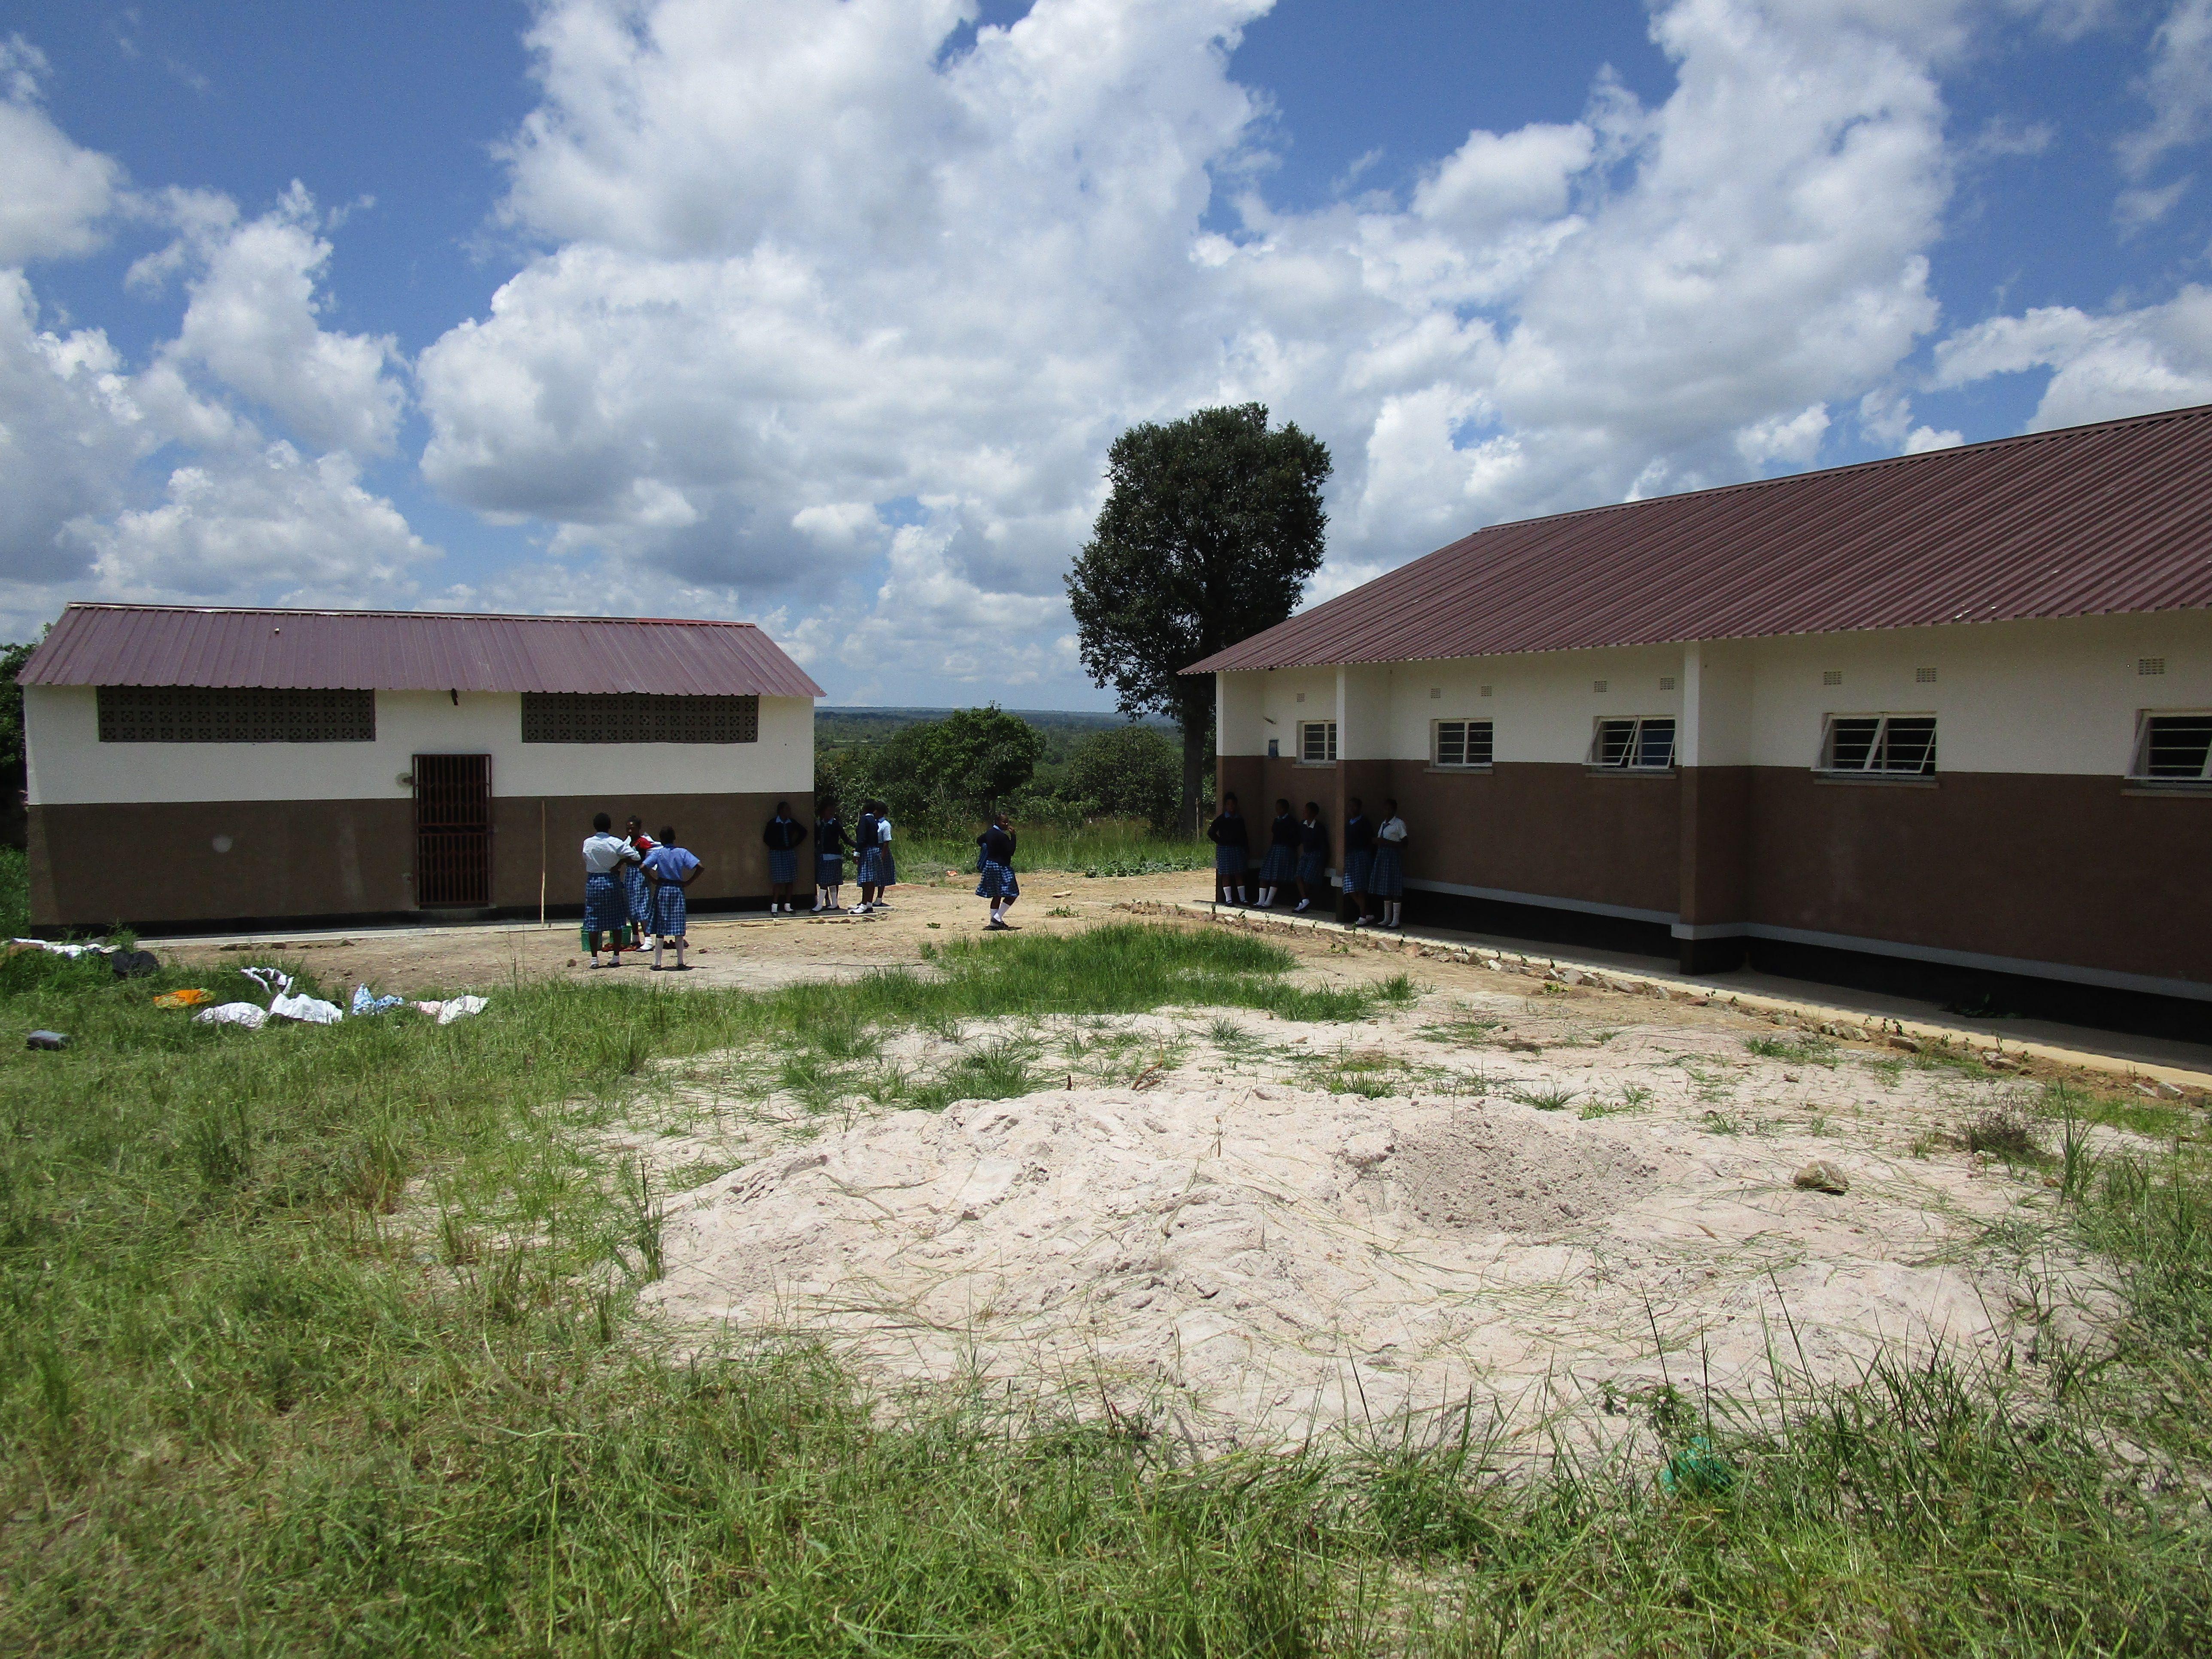 Links das Waschhaus, rechts eines der beiden Wohnheime